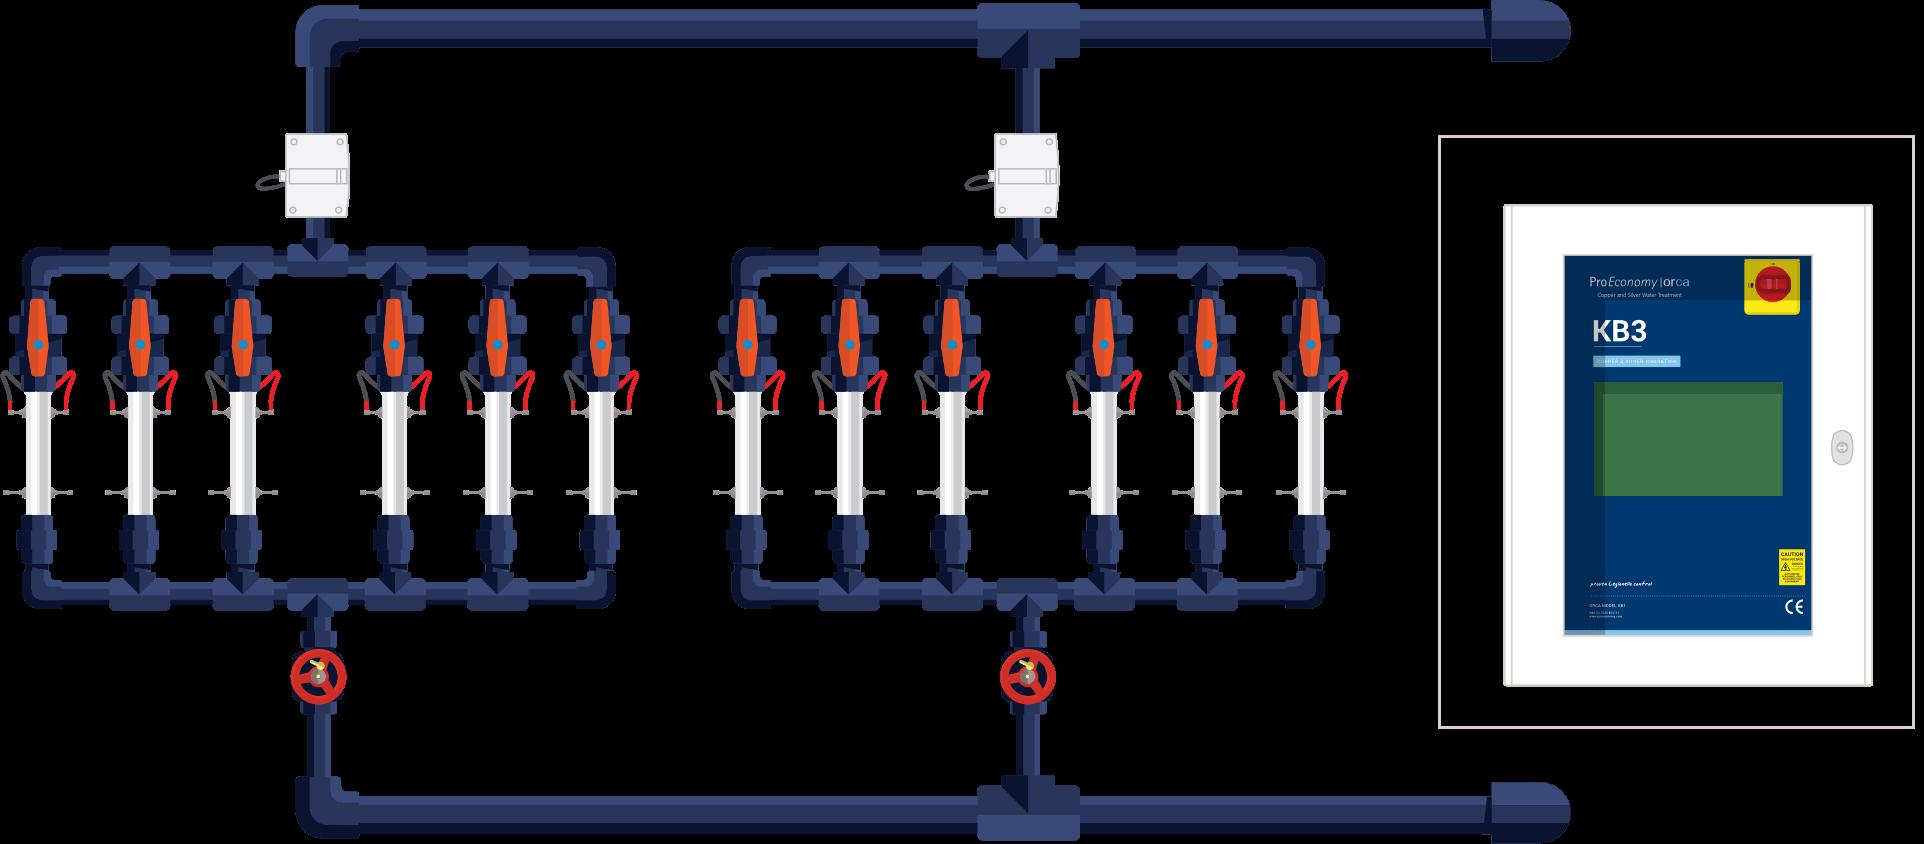 f53 trailer wire diagram oem delorean fuse diagram vfd